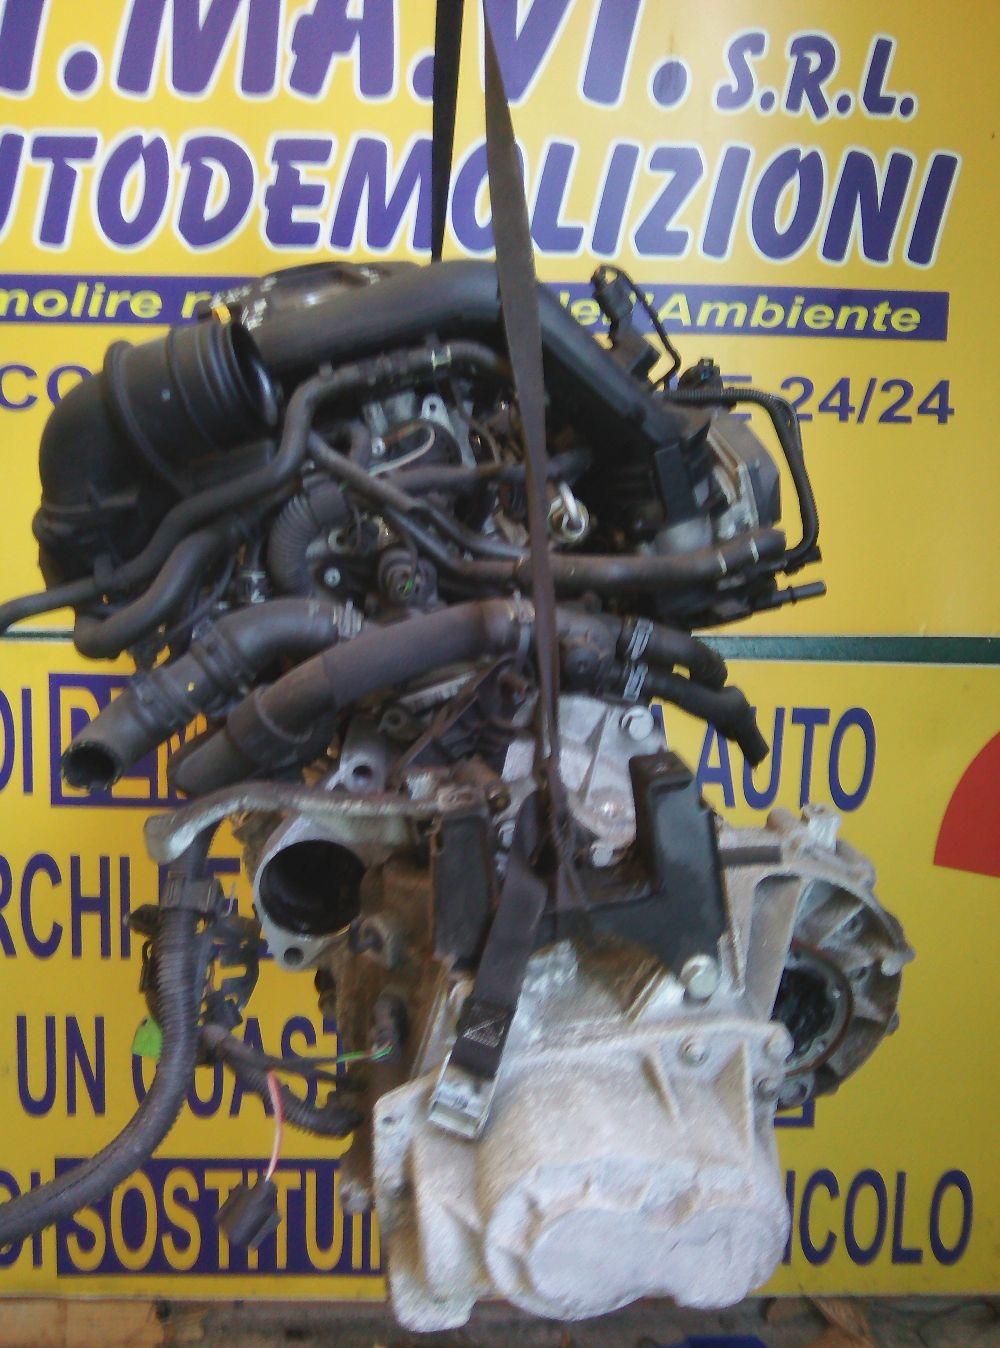 Motore Da Audi  A1 del 2014 2000cc.  Usato da autodemolizione